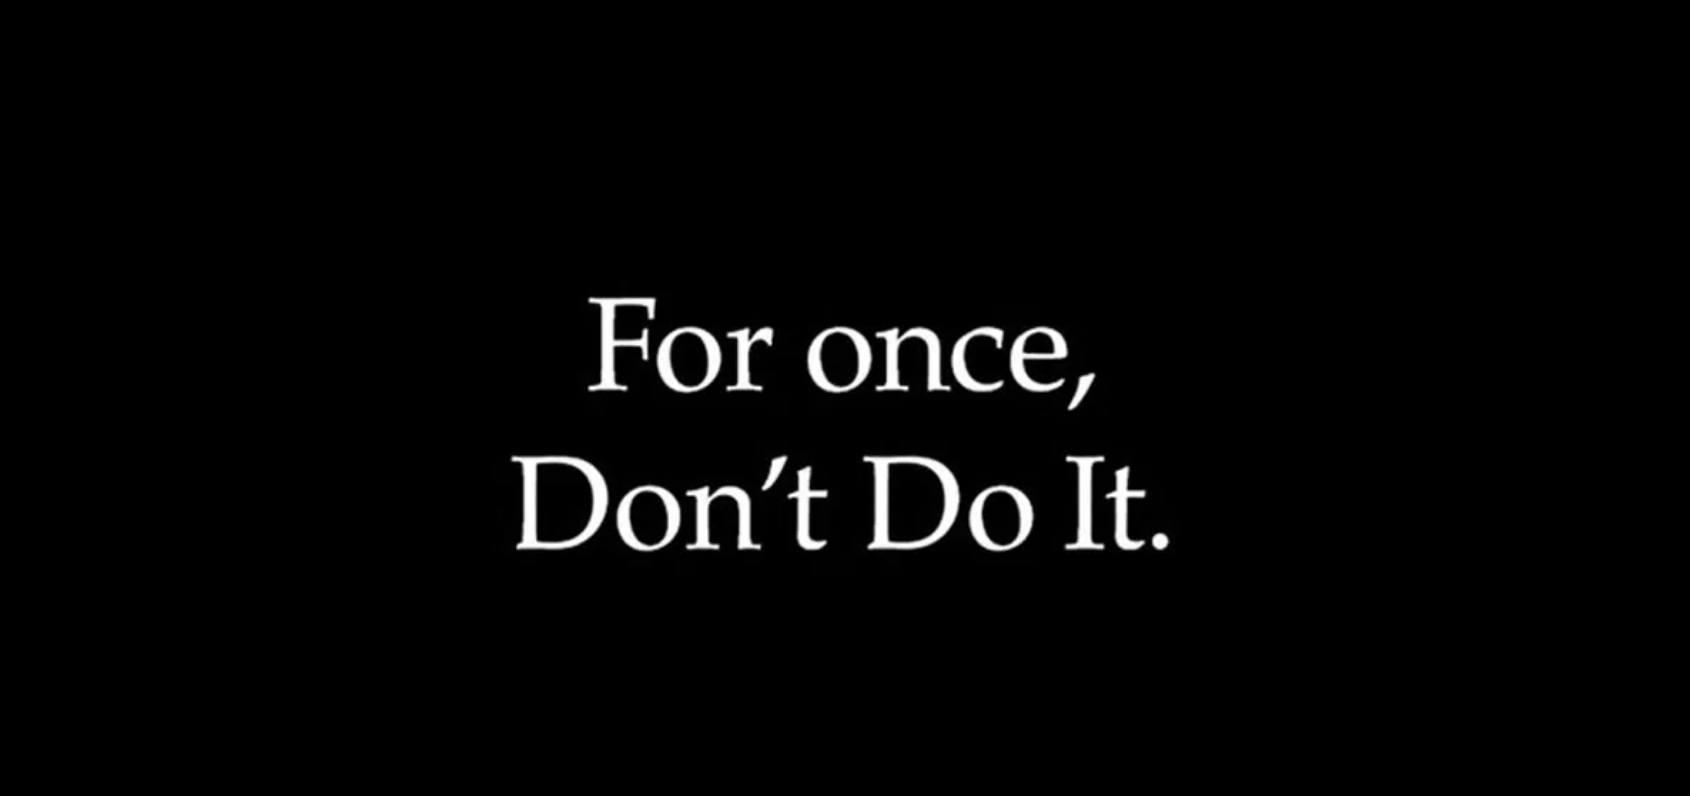 #UntilWeAllWin